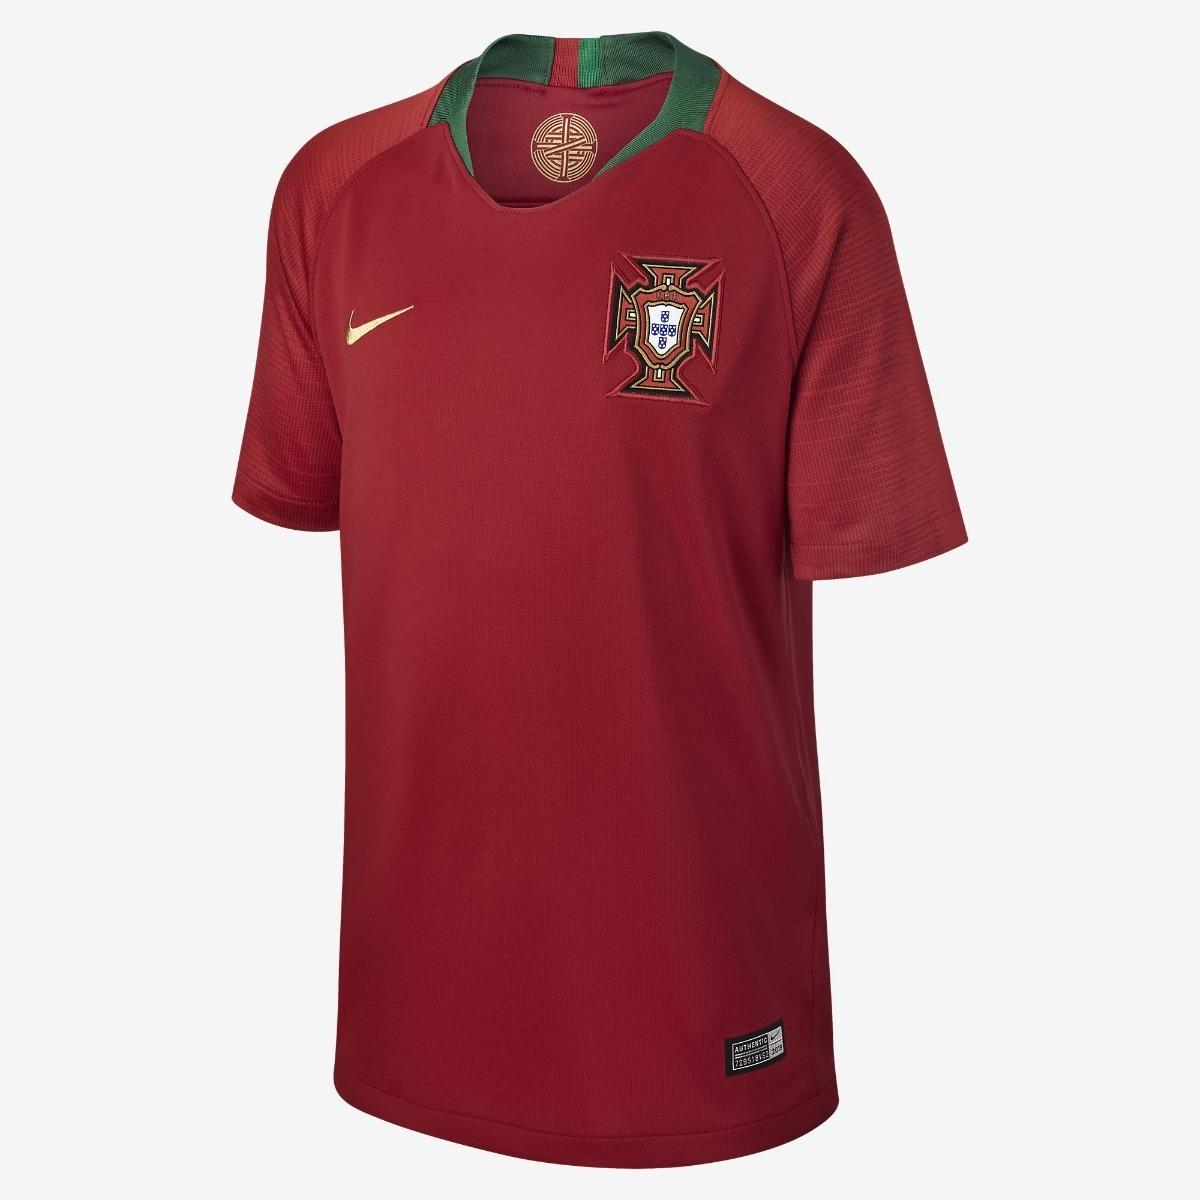 e5dcedc097 camisa seleção portugal nike 2018 oficial. Carregando zoom.